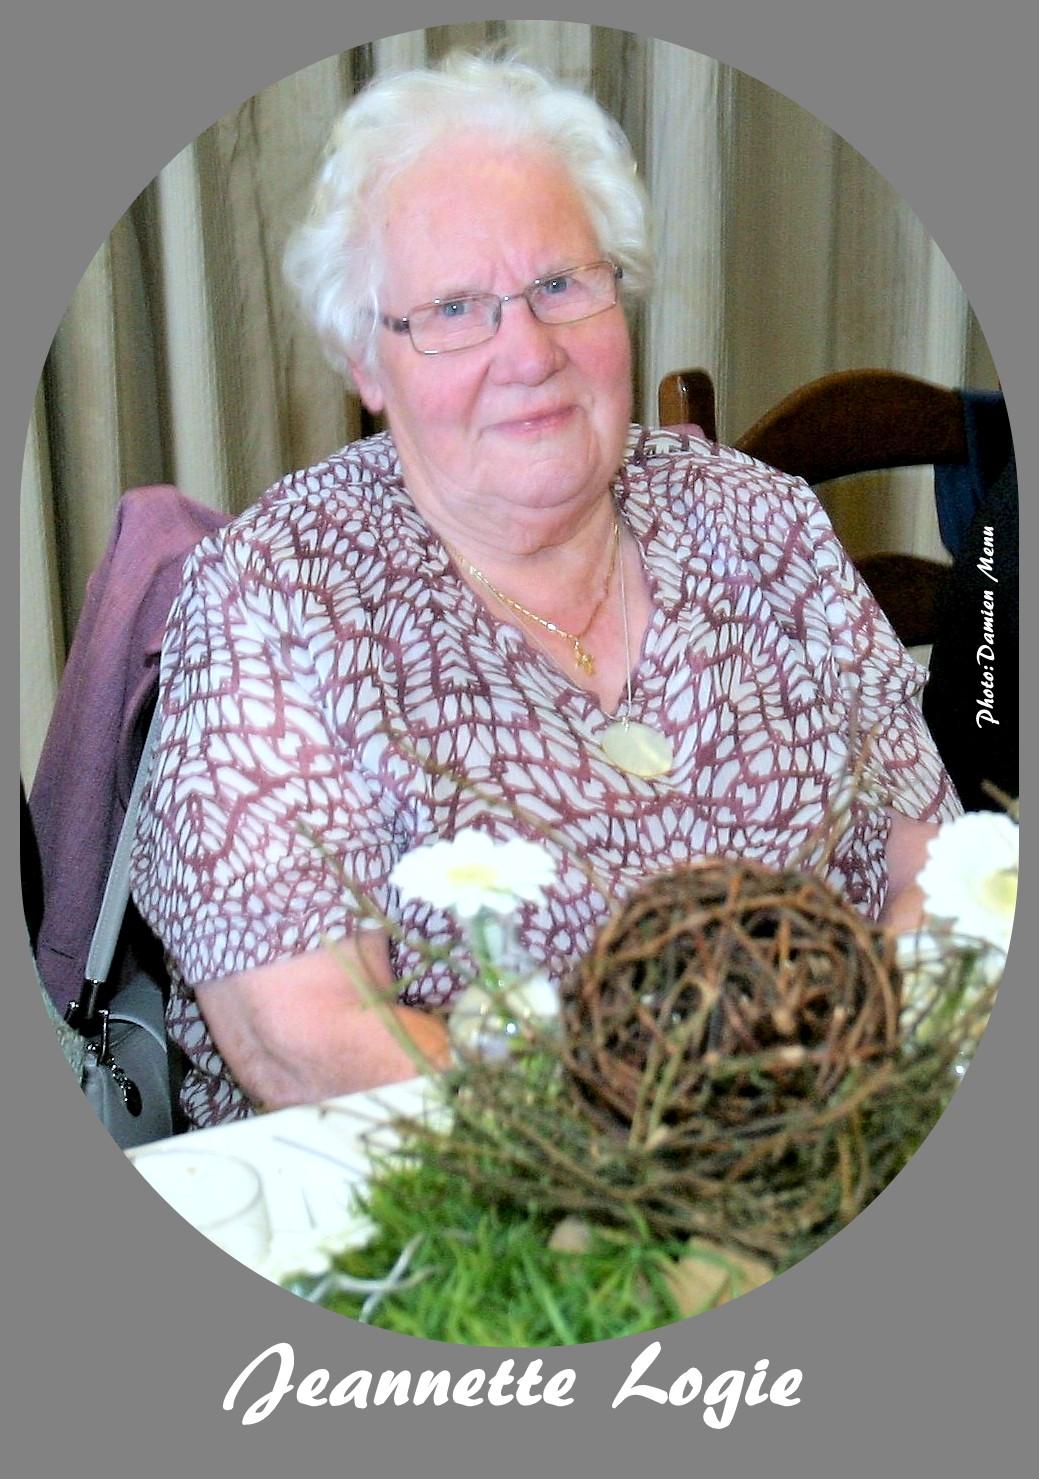 Jeannette Logie  avait 90 ans.